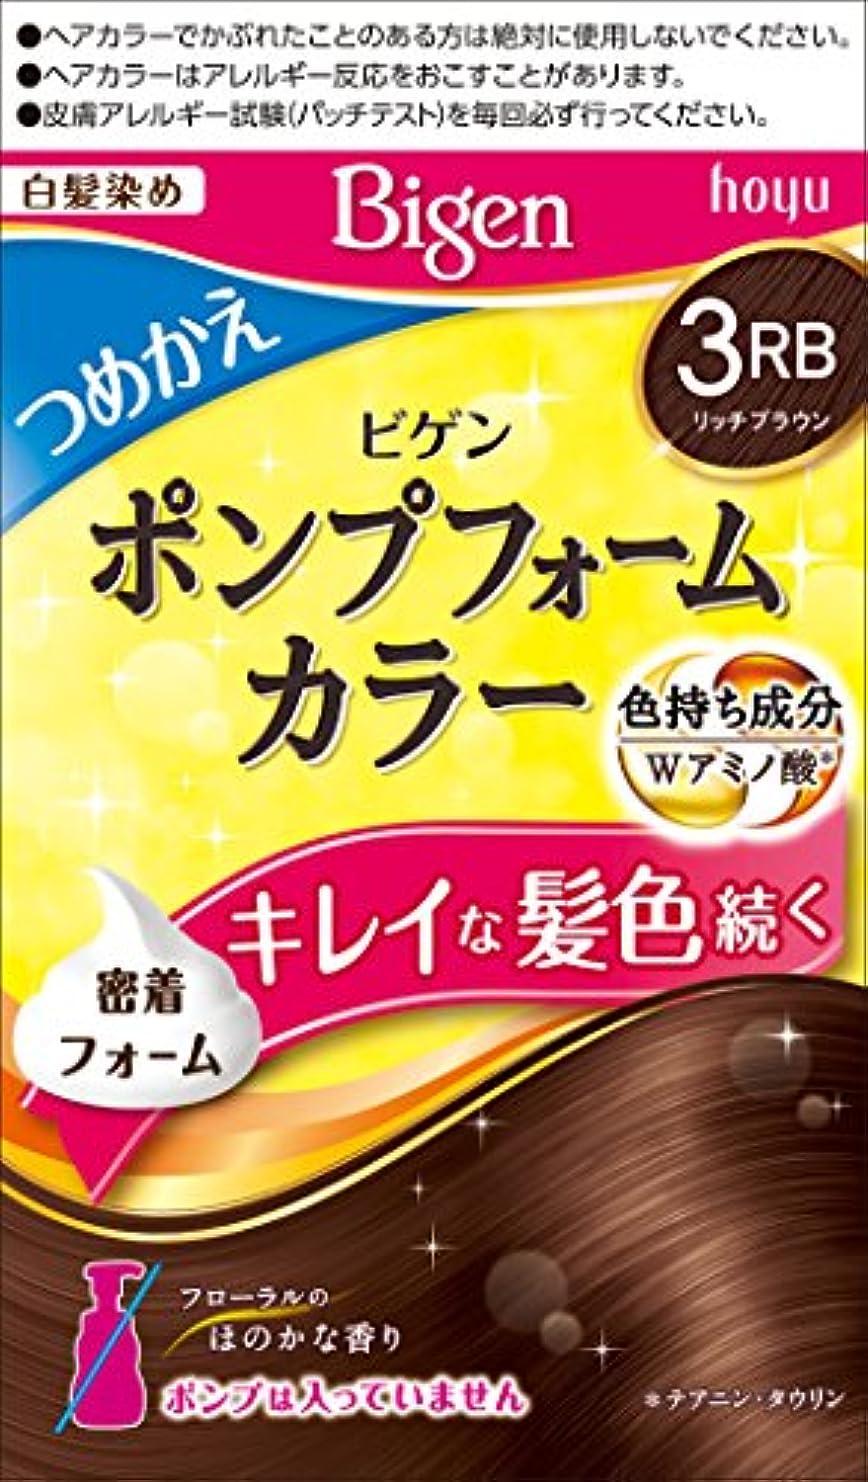 特徴承認スモッグホーユー ビゲン ポンプフォームカラー つめかえ剤 3RB (リッチブラウン) 1剤50mL+2剤50mL [医薬部外品]